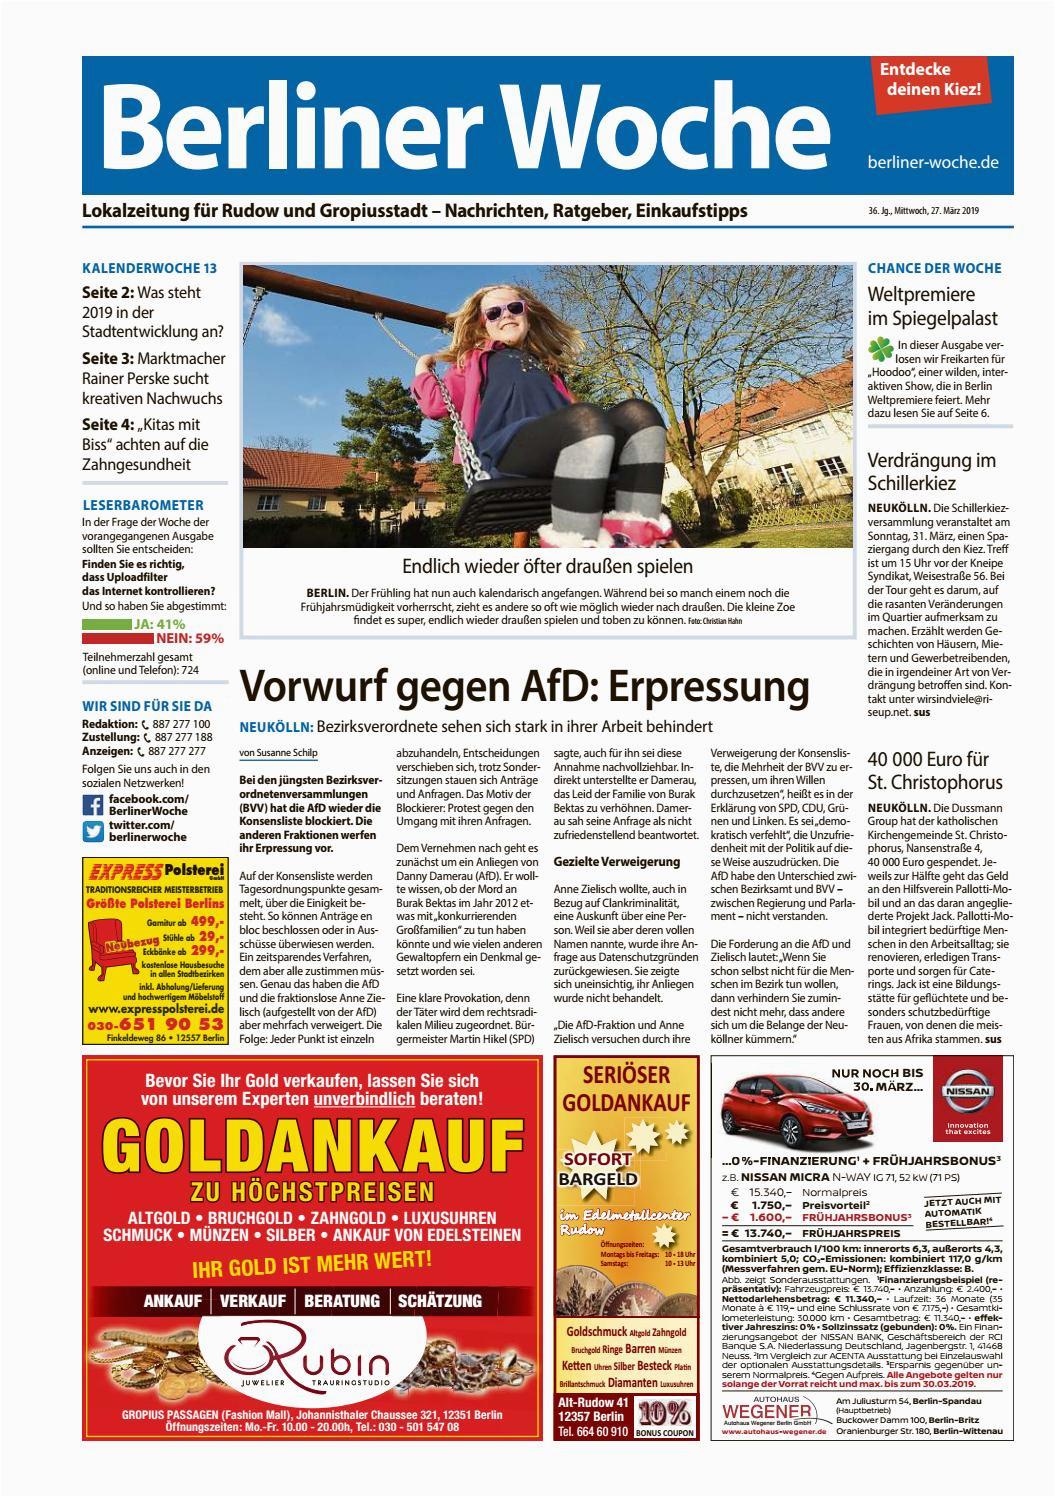 Lebenslauf Schlicht Zingst L14 Rudow Gropiusstadt by Berliner Woche issuu